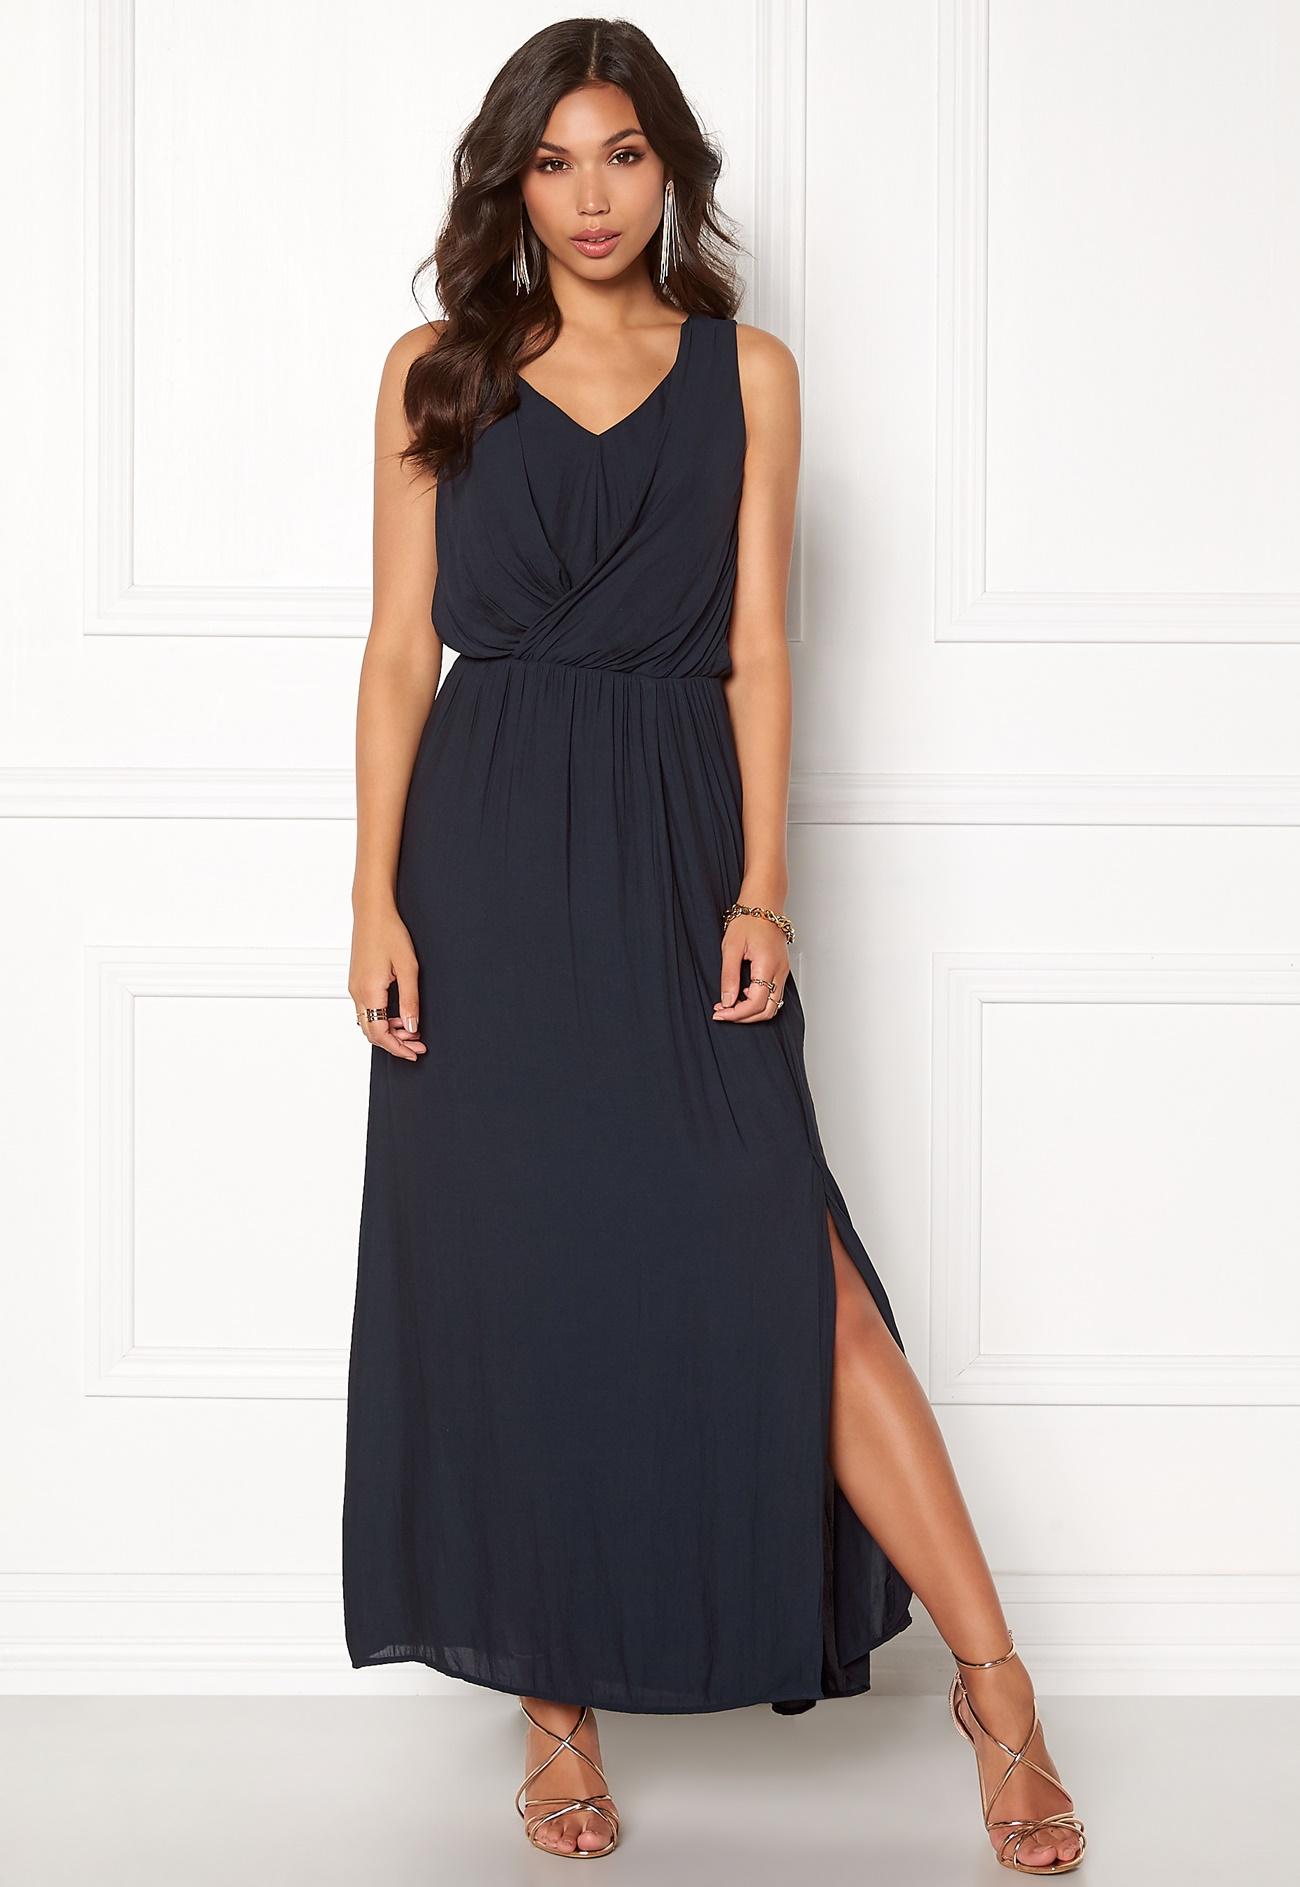 ONLY Donna SL Long Dress Night Sky